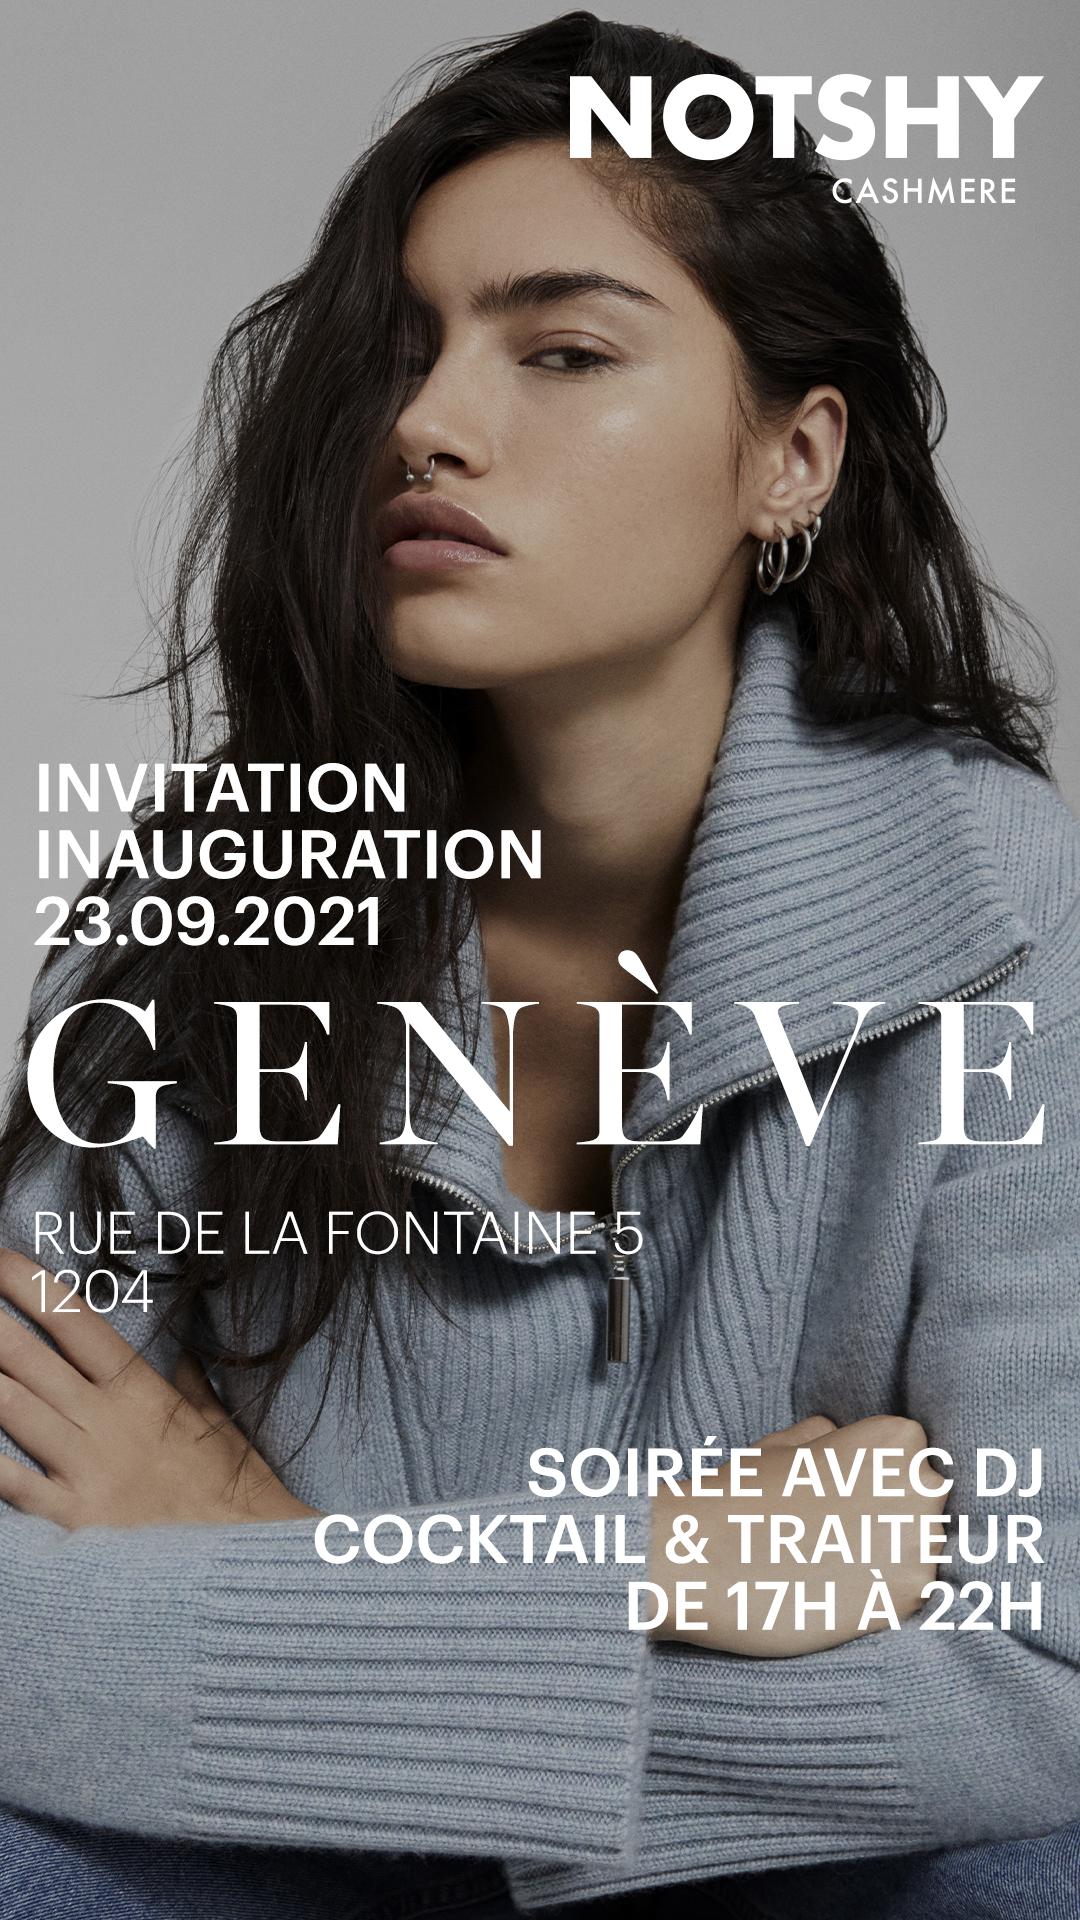 Inauguration de la boutique Notshy à Genève